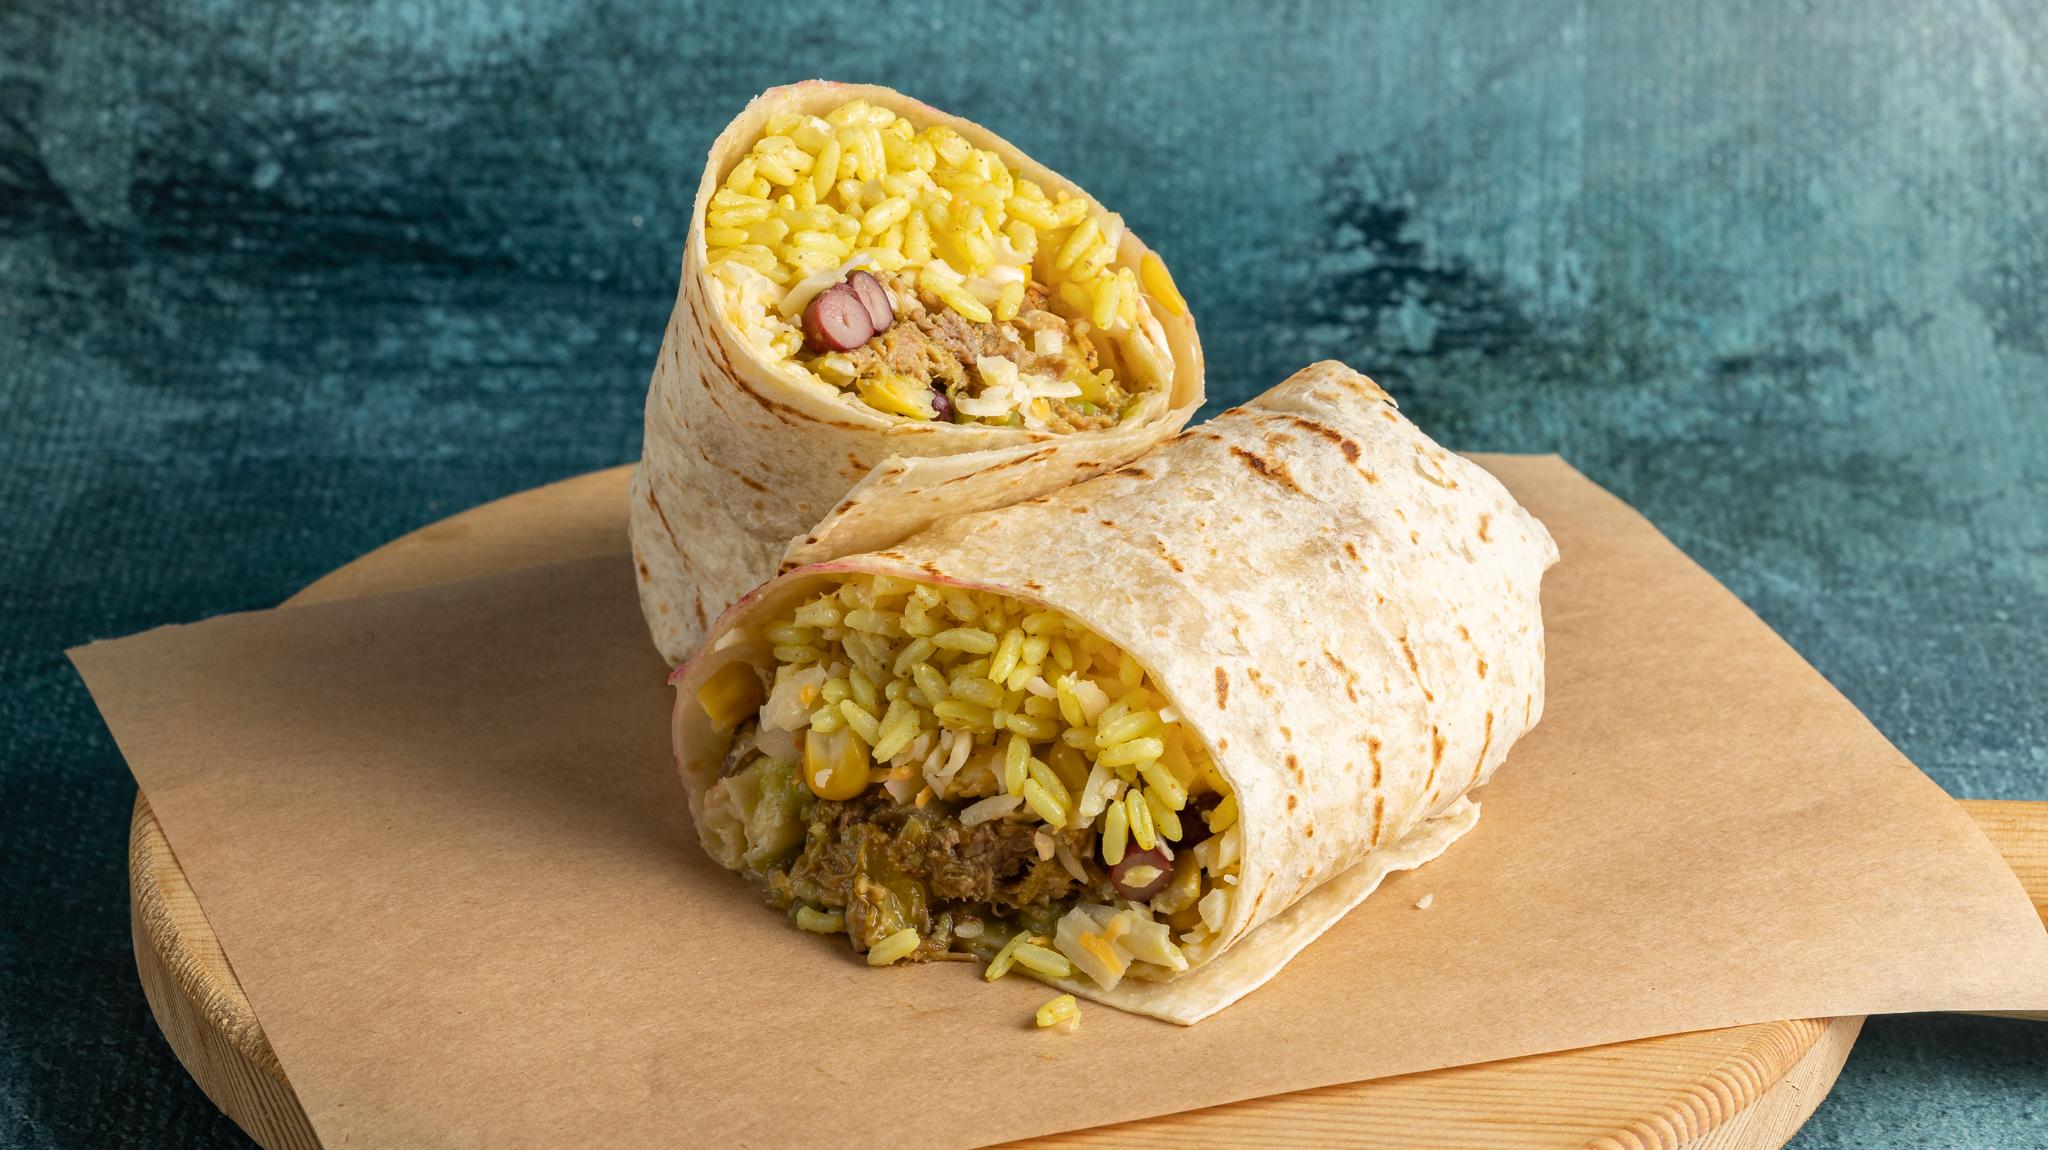 Burgers_n_Burritos_Bar_larisa_burrito_tex-mex_fast_food